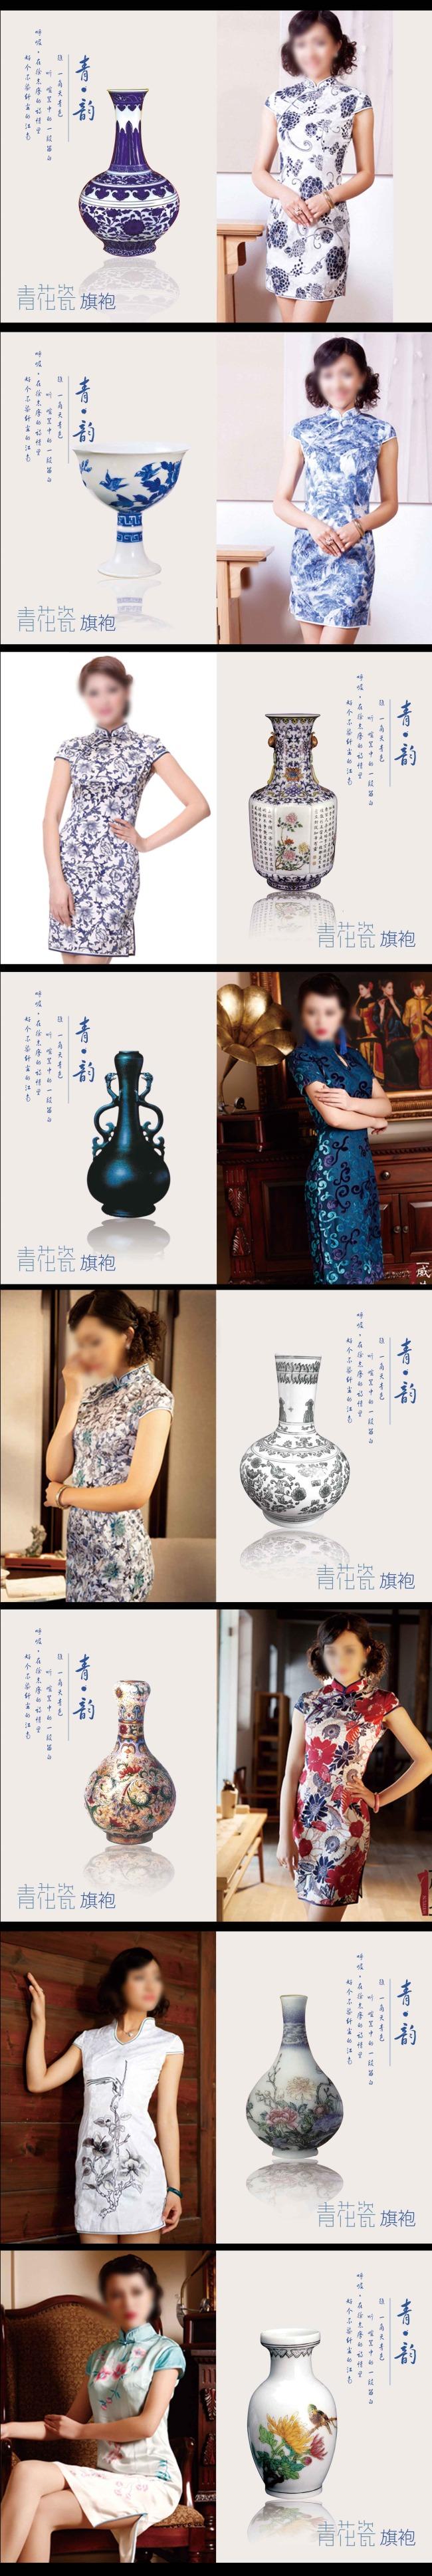 青花瓷旗袍写真相册模板下载(图片编号:11330748)_照